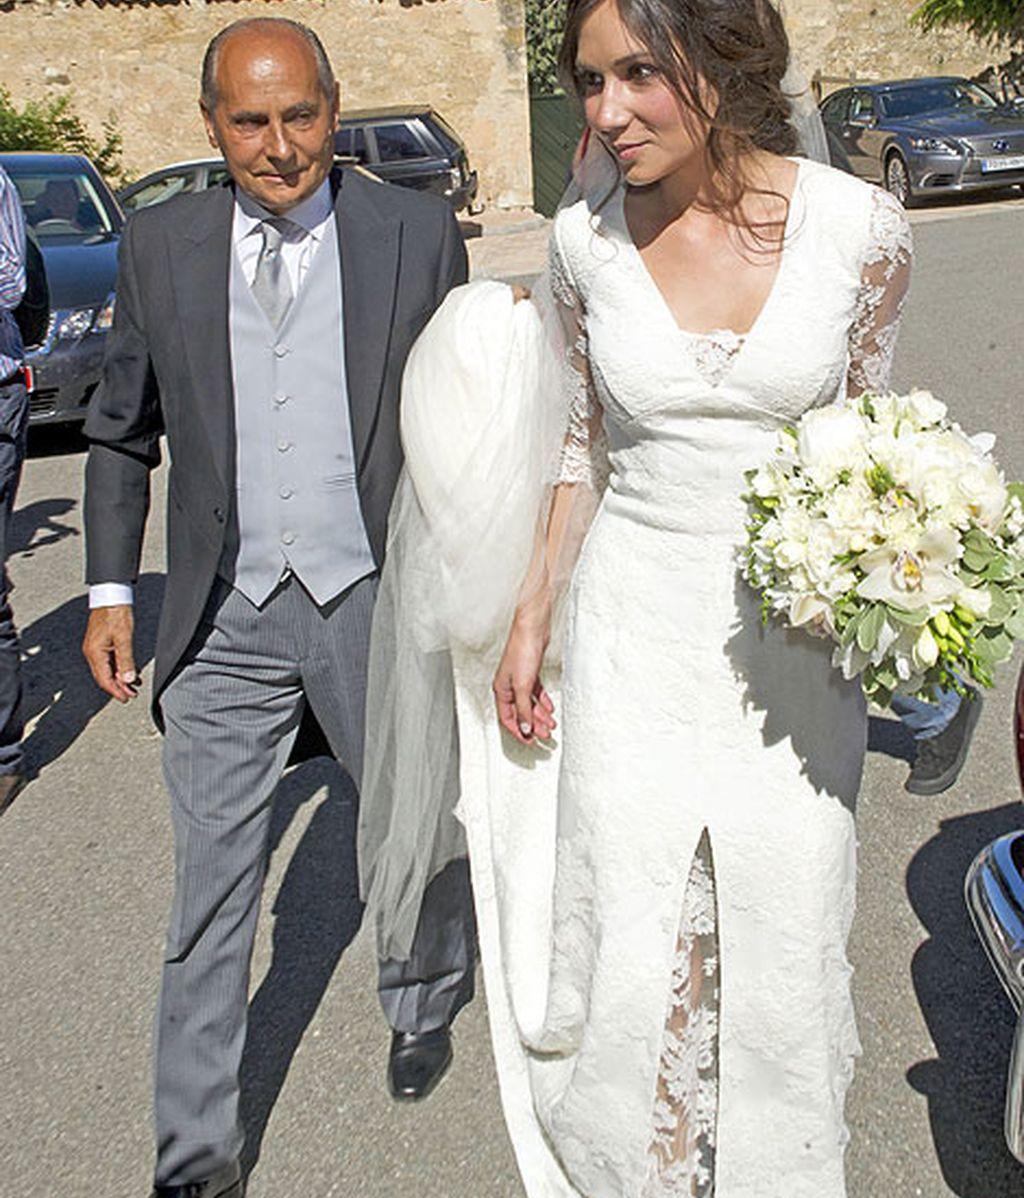 La novia llegó acompañada por su padre, padrino del enlace